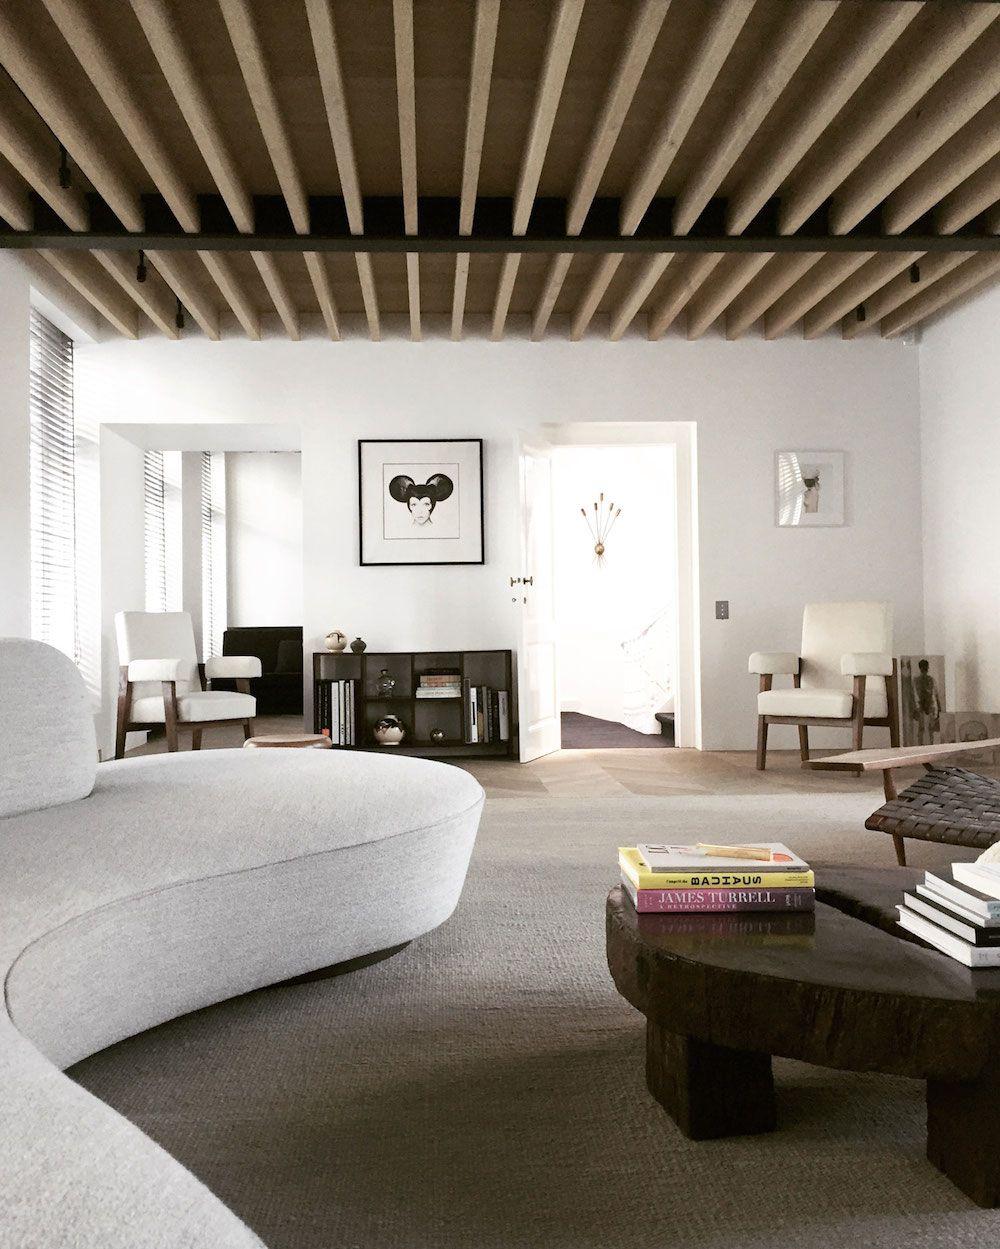 Ungewöhnlich Interieur Design Mrqt Boutique Dekowand Holzstabchen ...